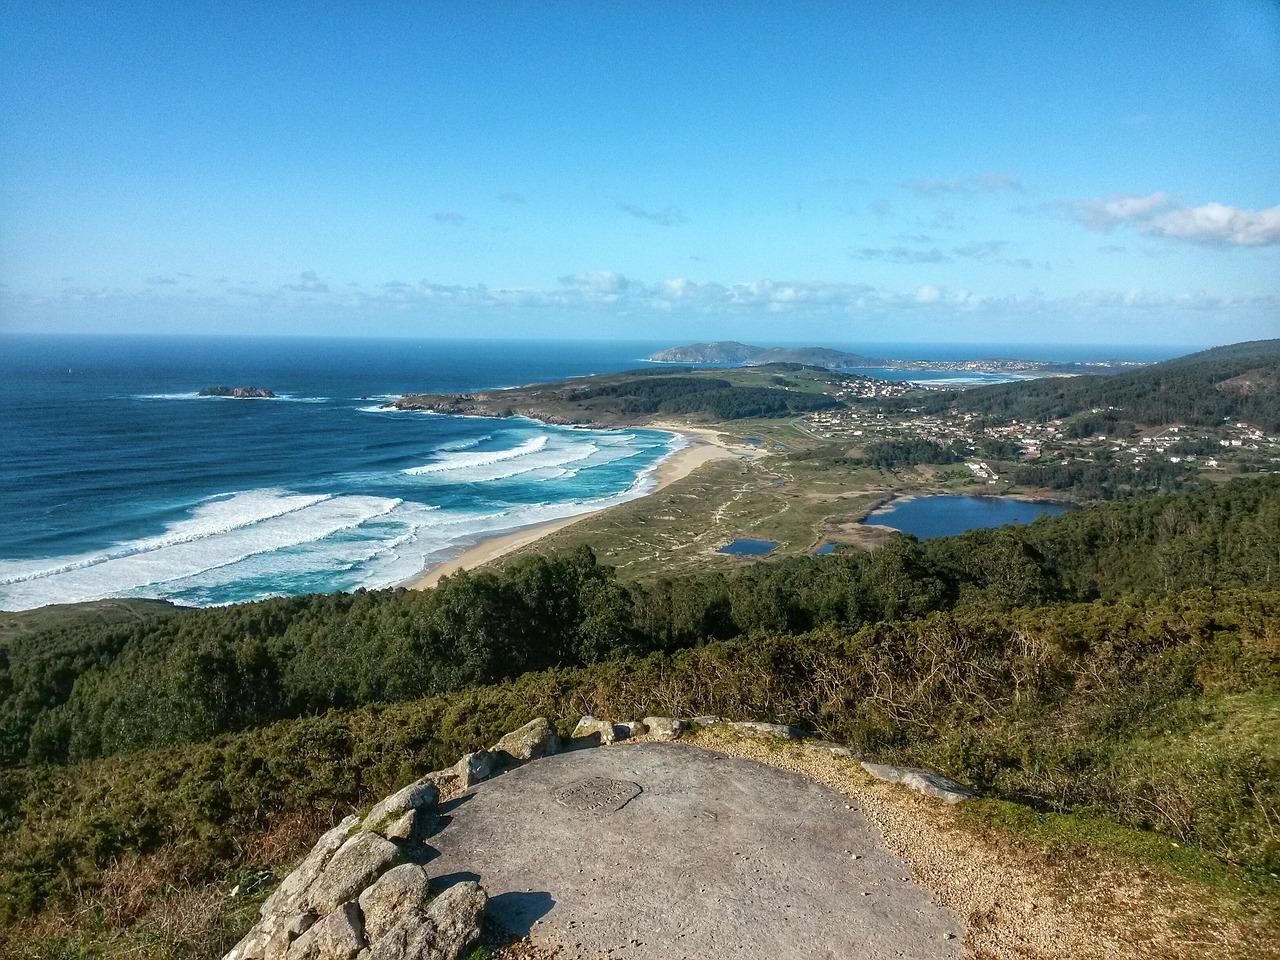 Playa de Doñinos en un viaje a Galicia en verano